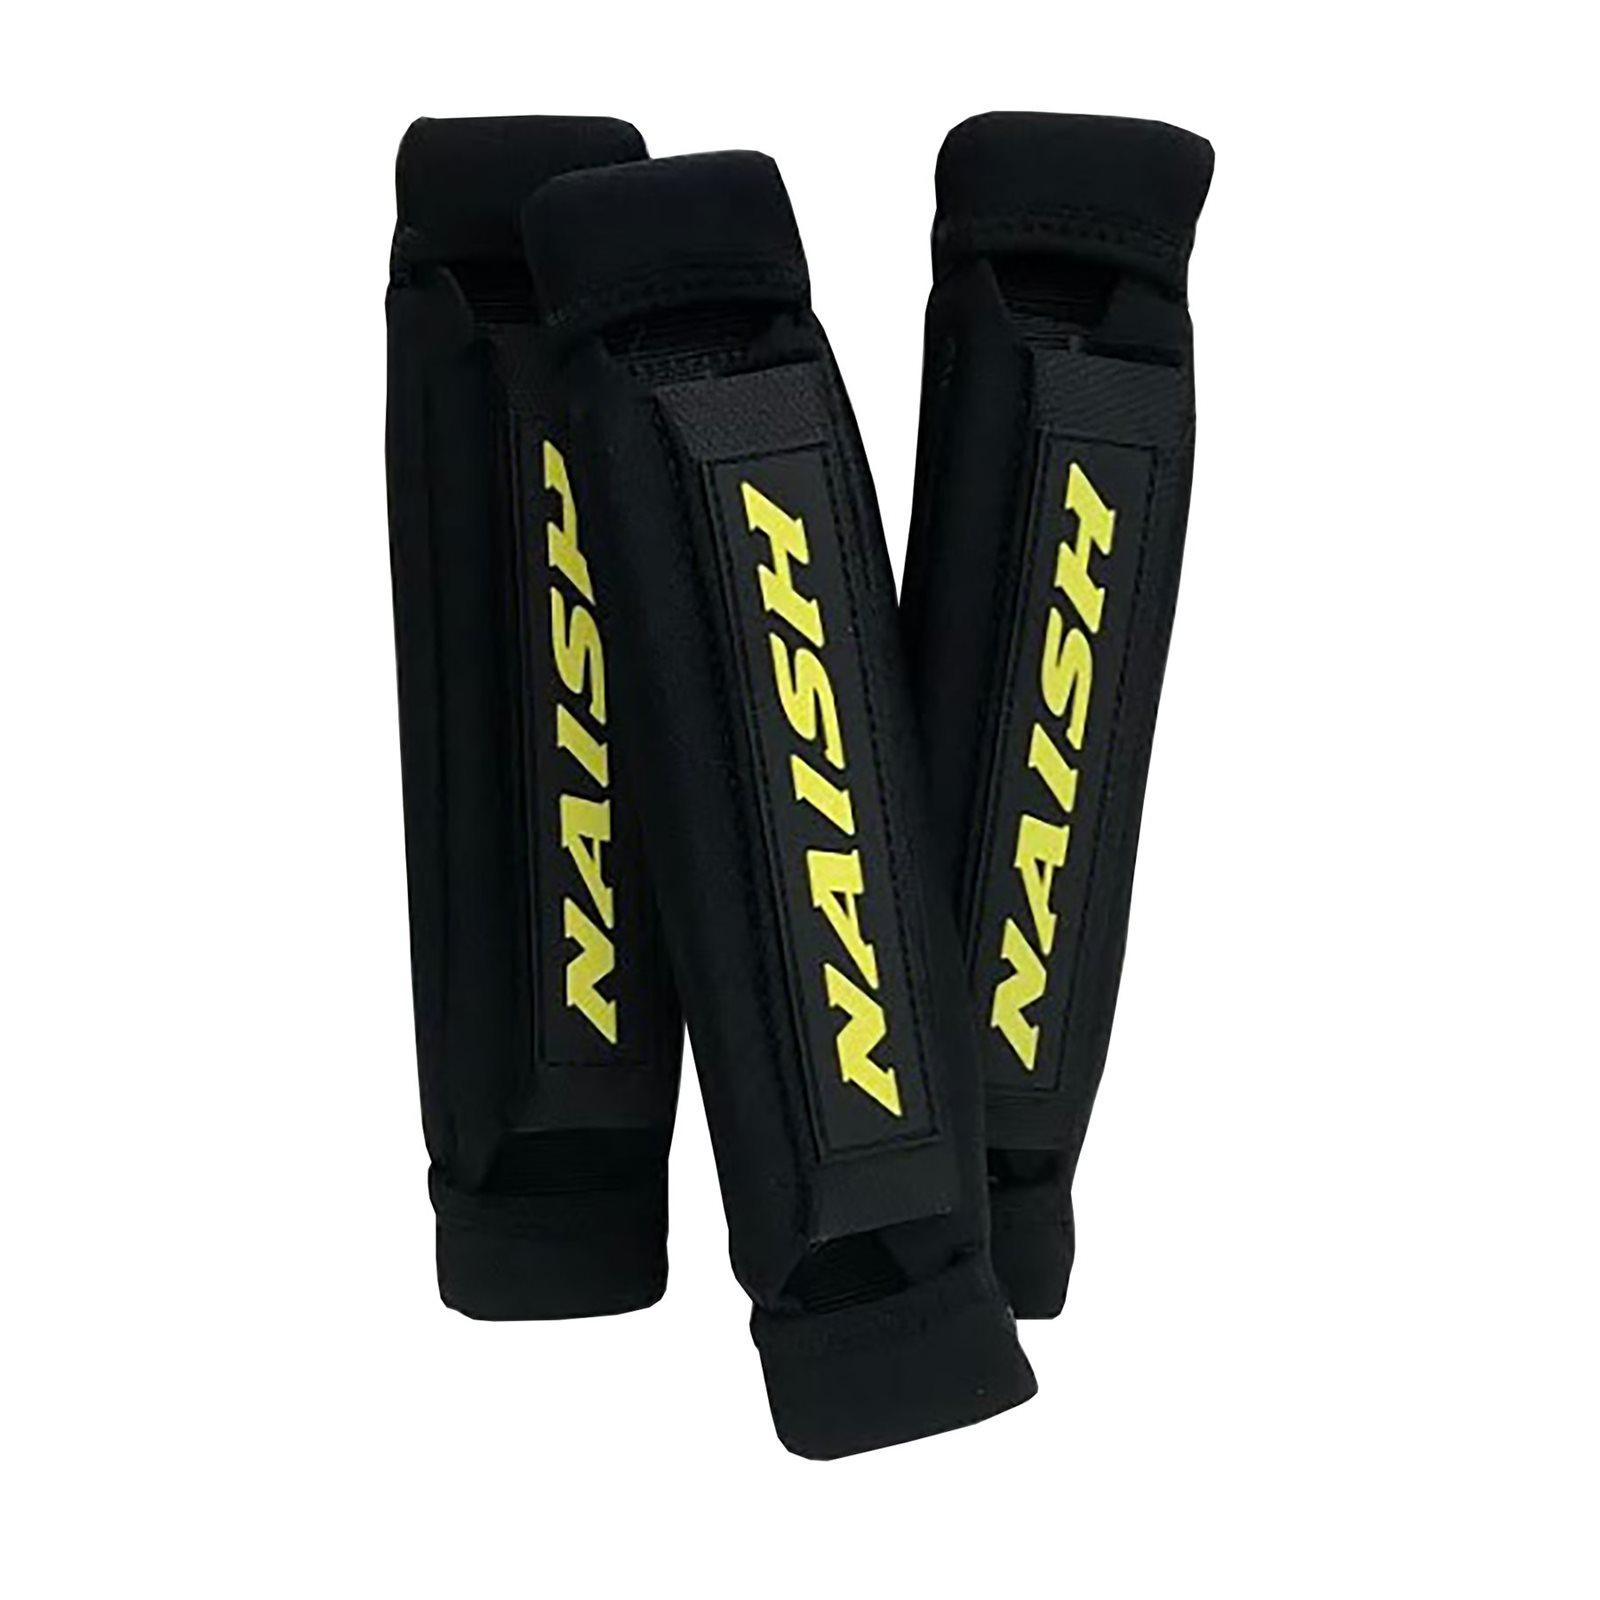 2020 Naish Hover foot strap set